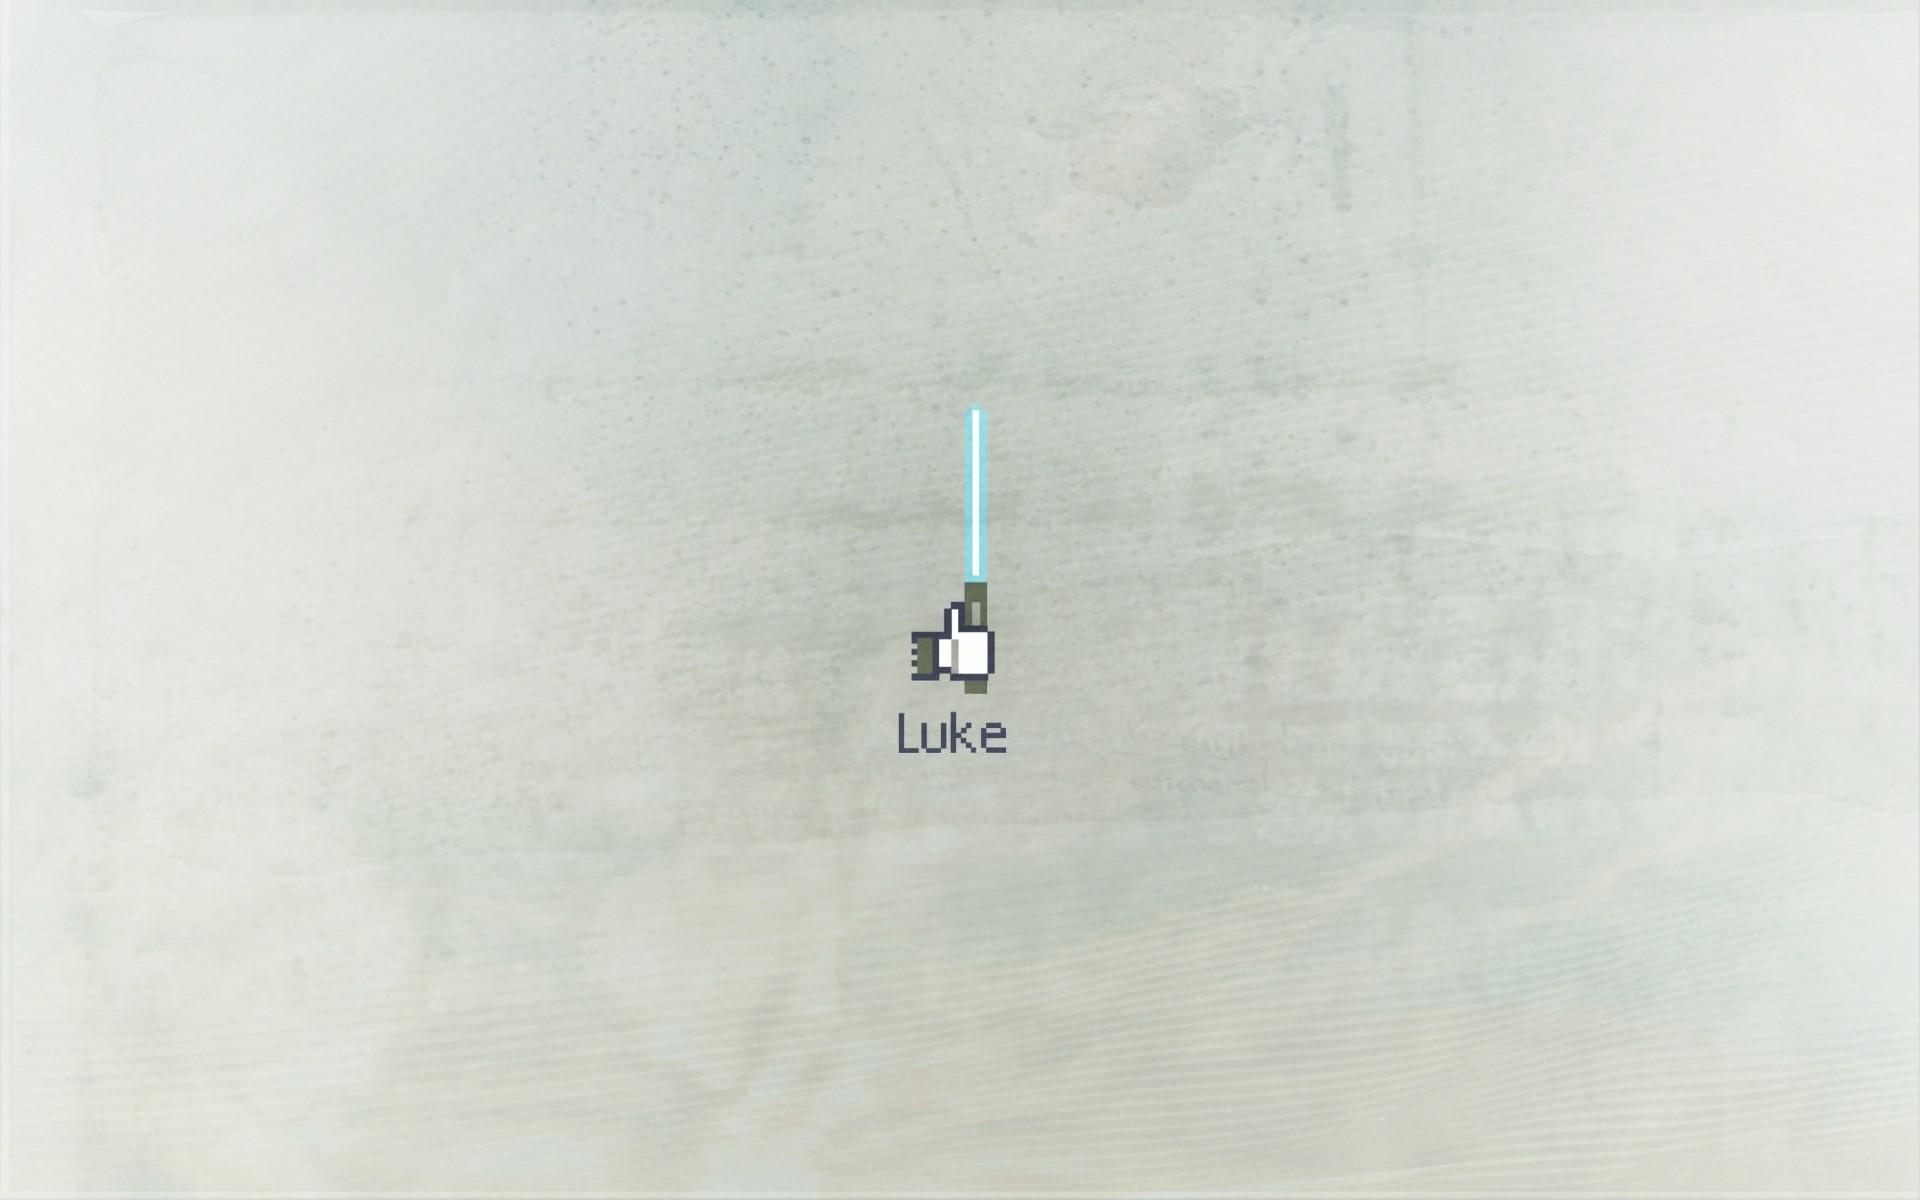 Wallpaper 1920x1200 Px Facebook Funny Luke Minimalistic Skywalker Star Wars 1920x1200 Goodfon 1629033 Hd Wallpapers Wallhere